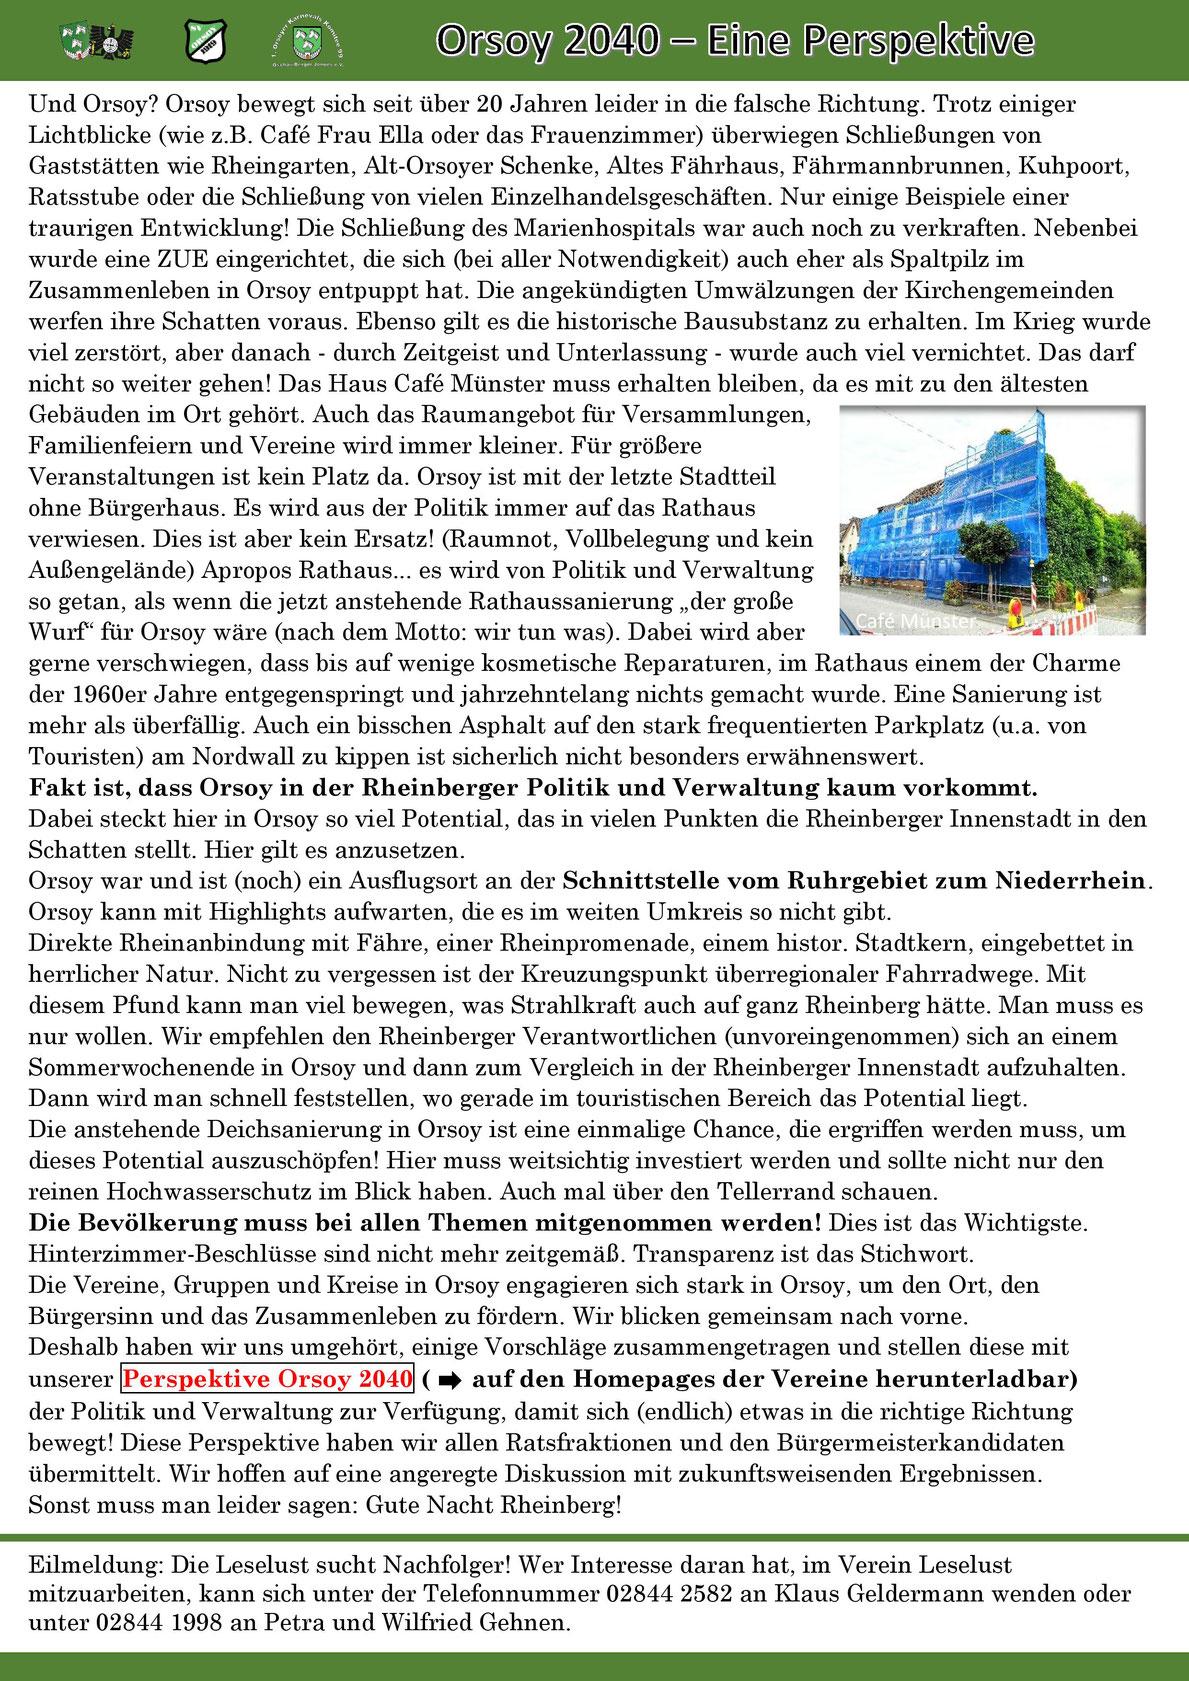 BSV-Orsoy, Orsoy, Bürgerschützenverein, Schützenblatt, Orsoyer Bürgerblatt, Bürgerblatt